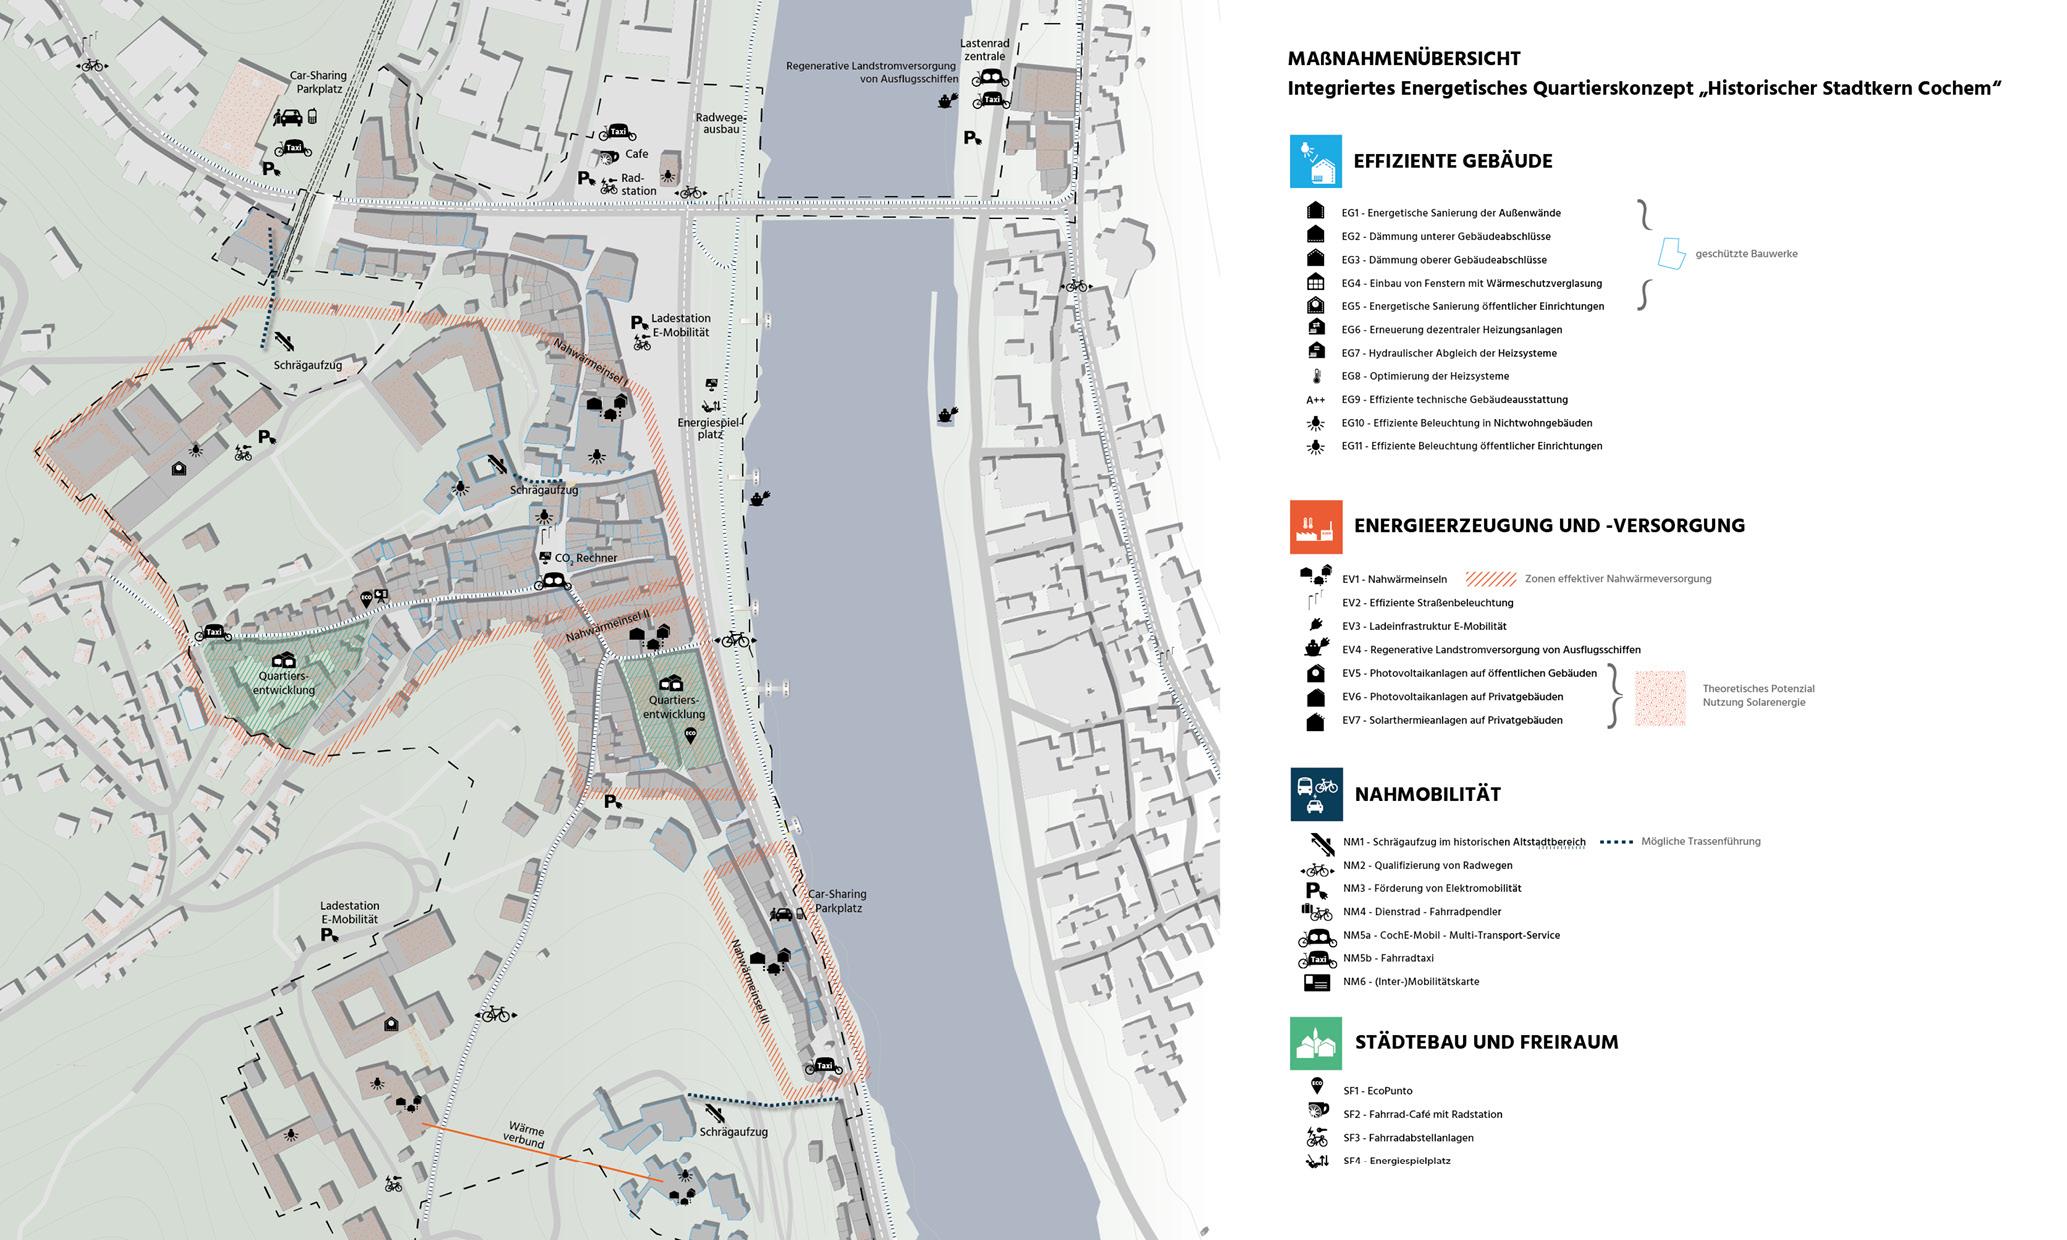 Cochem Integriertes Energetisches Quartierskonzept Maßnahmen Übersicht Karte